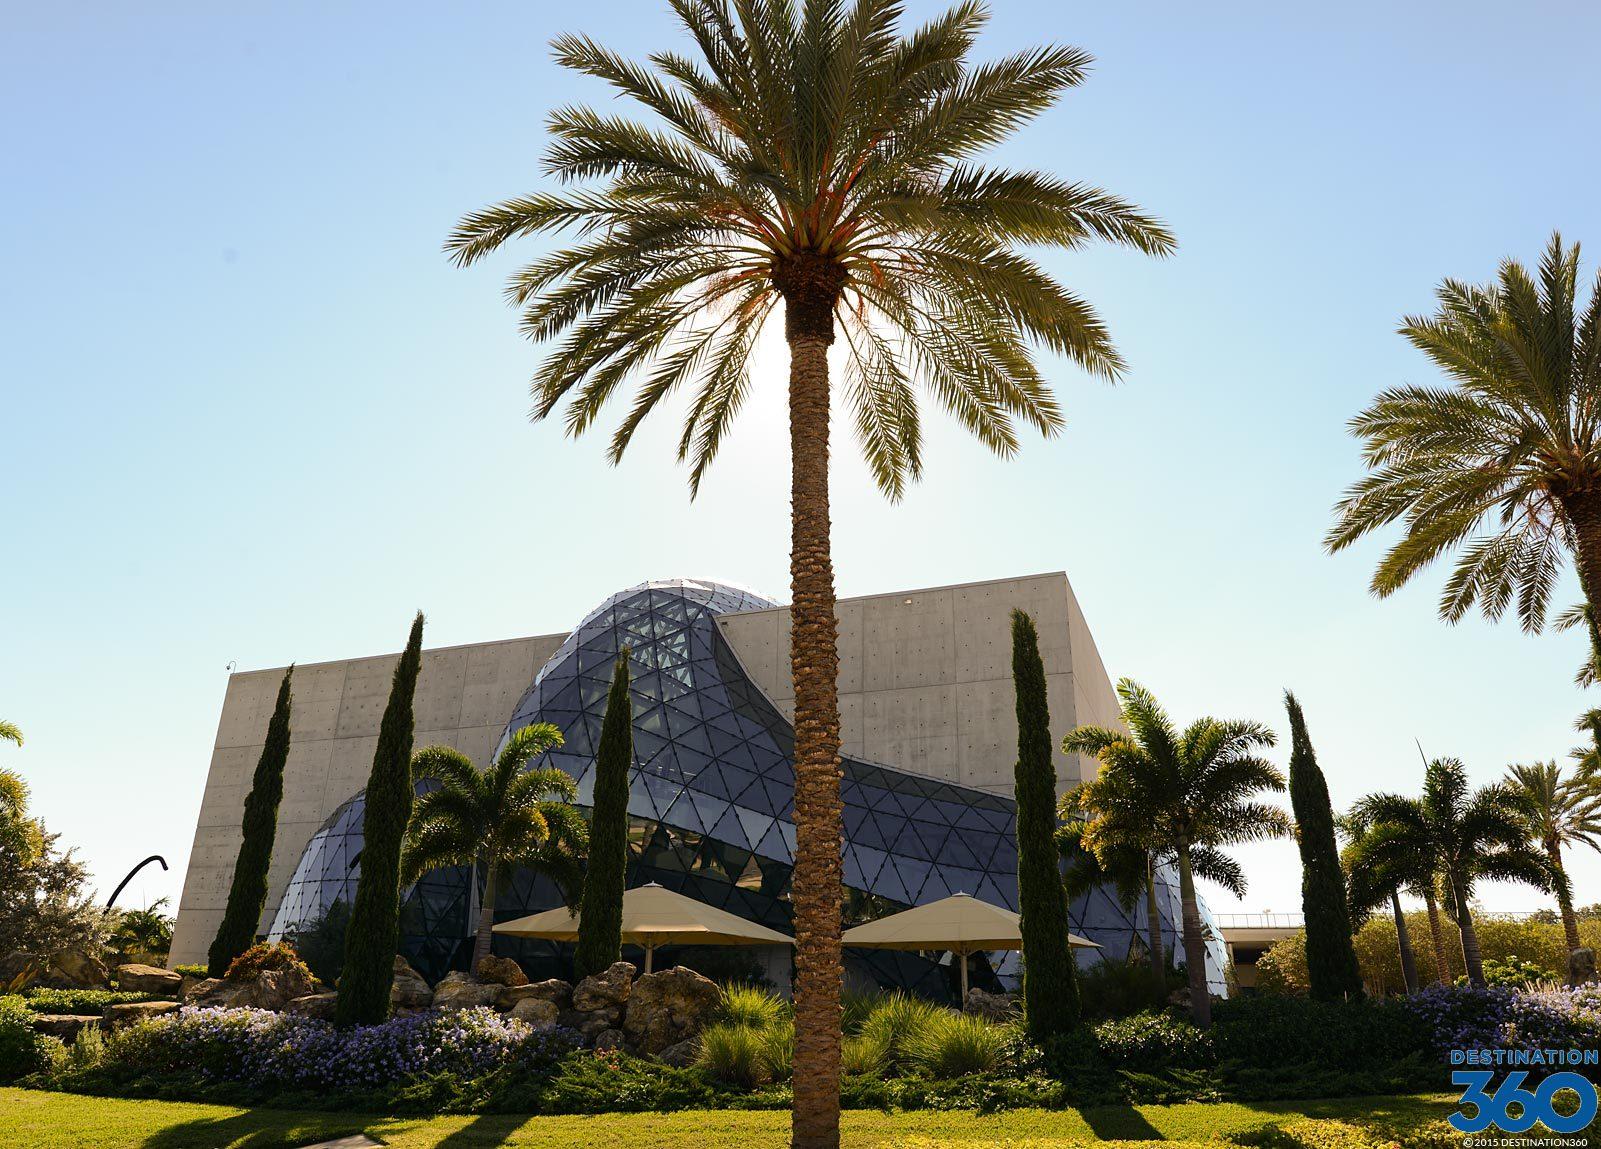 St Petersburg Museums Salvador Dali Museum Florida